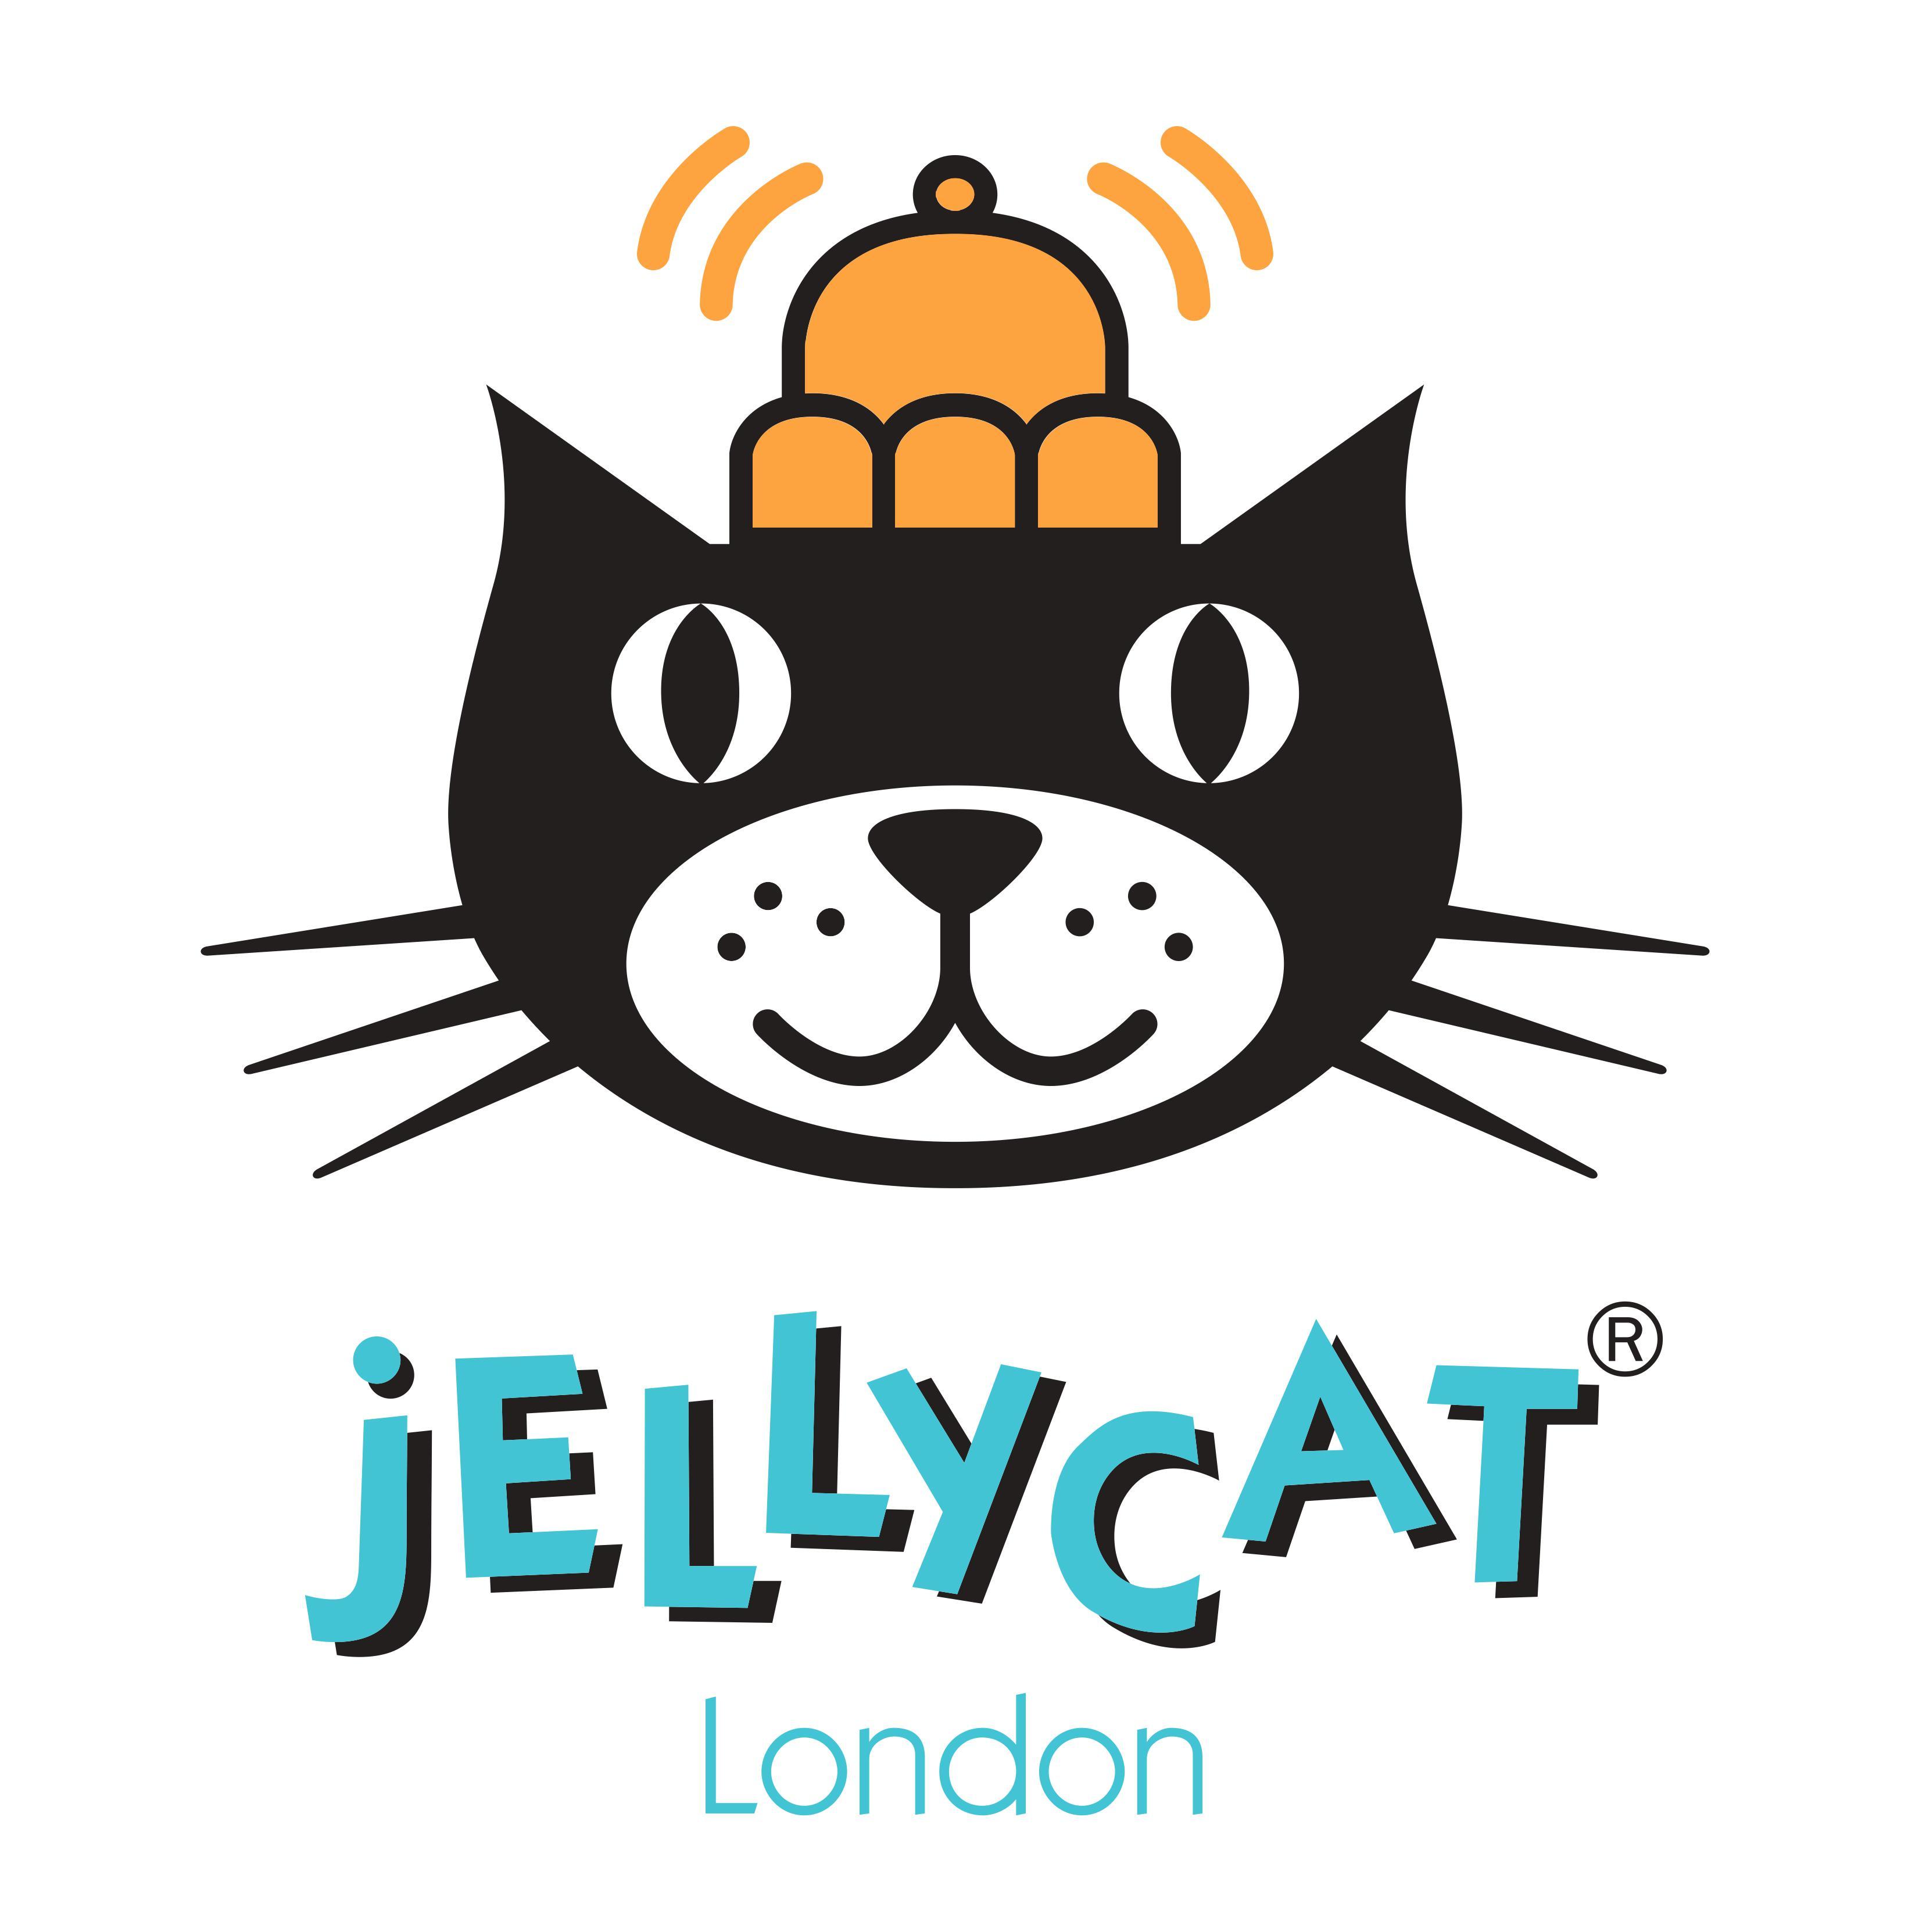 JC LOGO LONDON 21.11.13